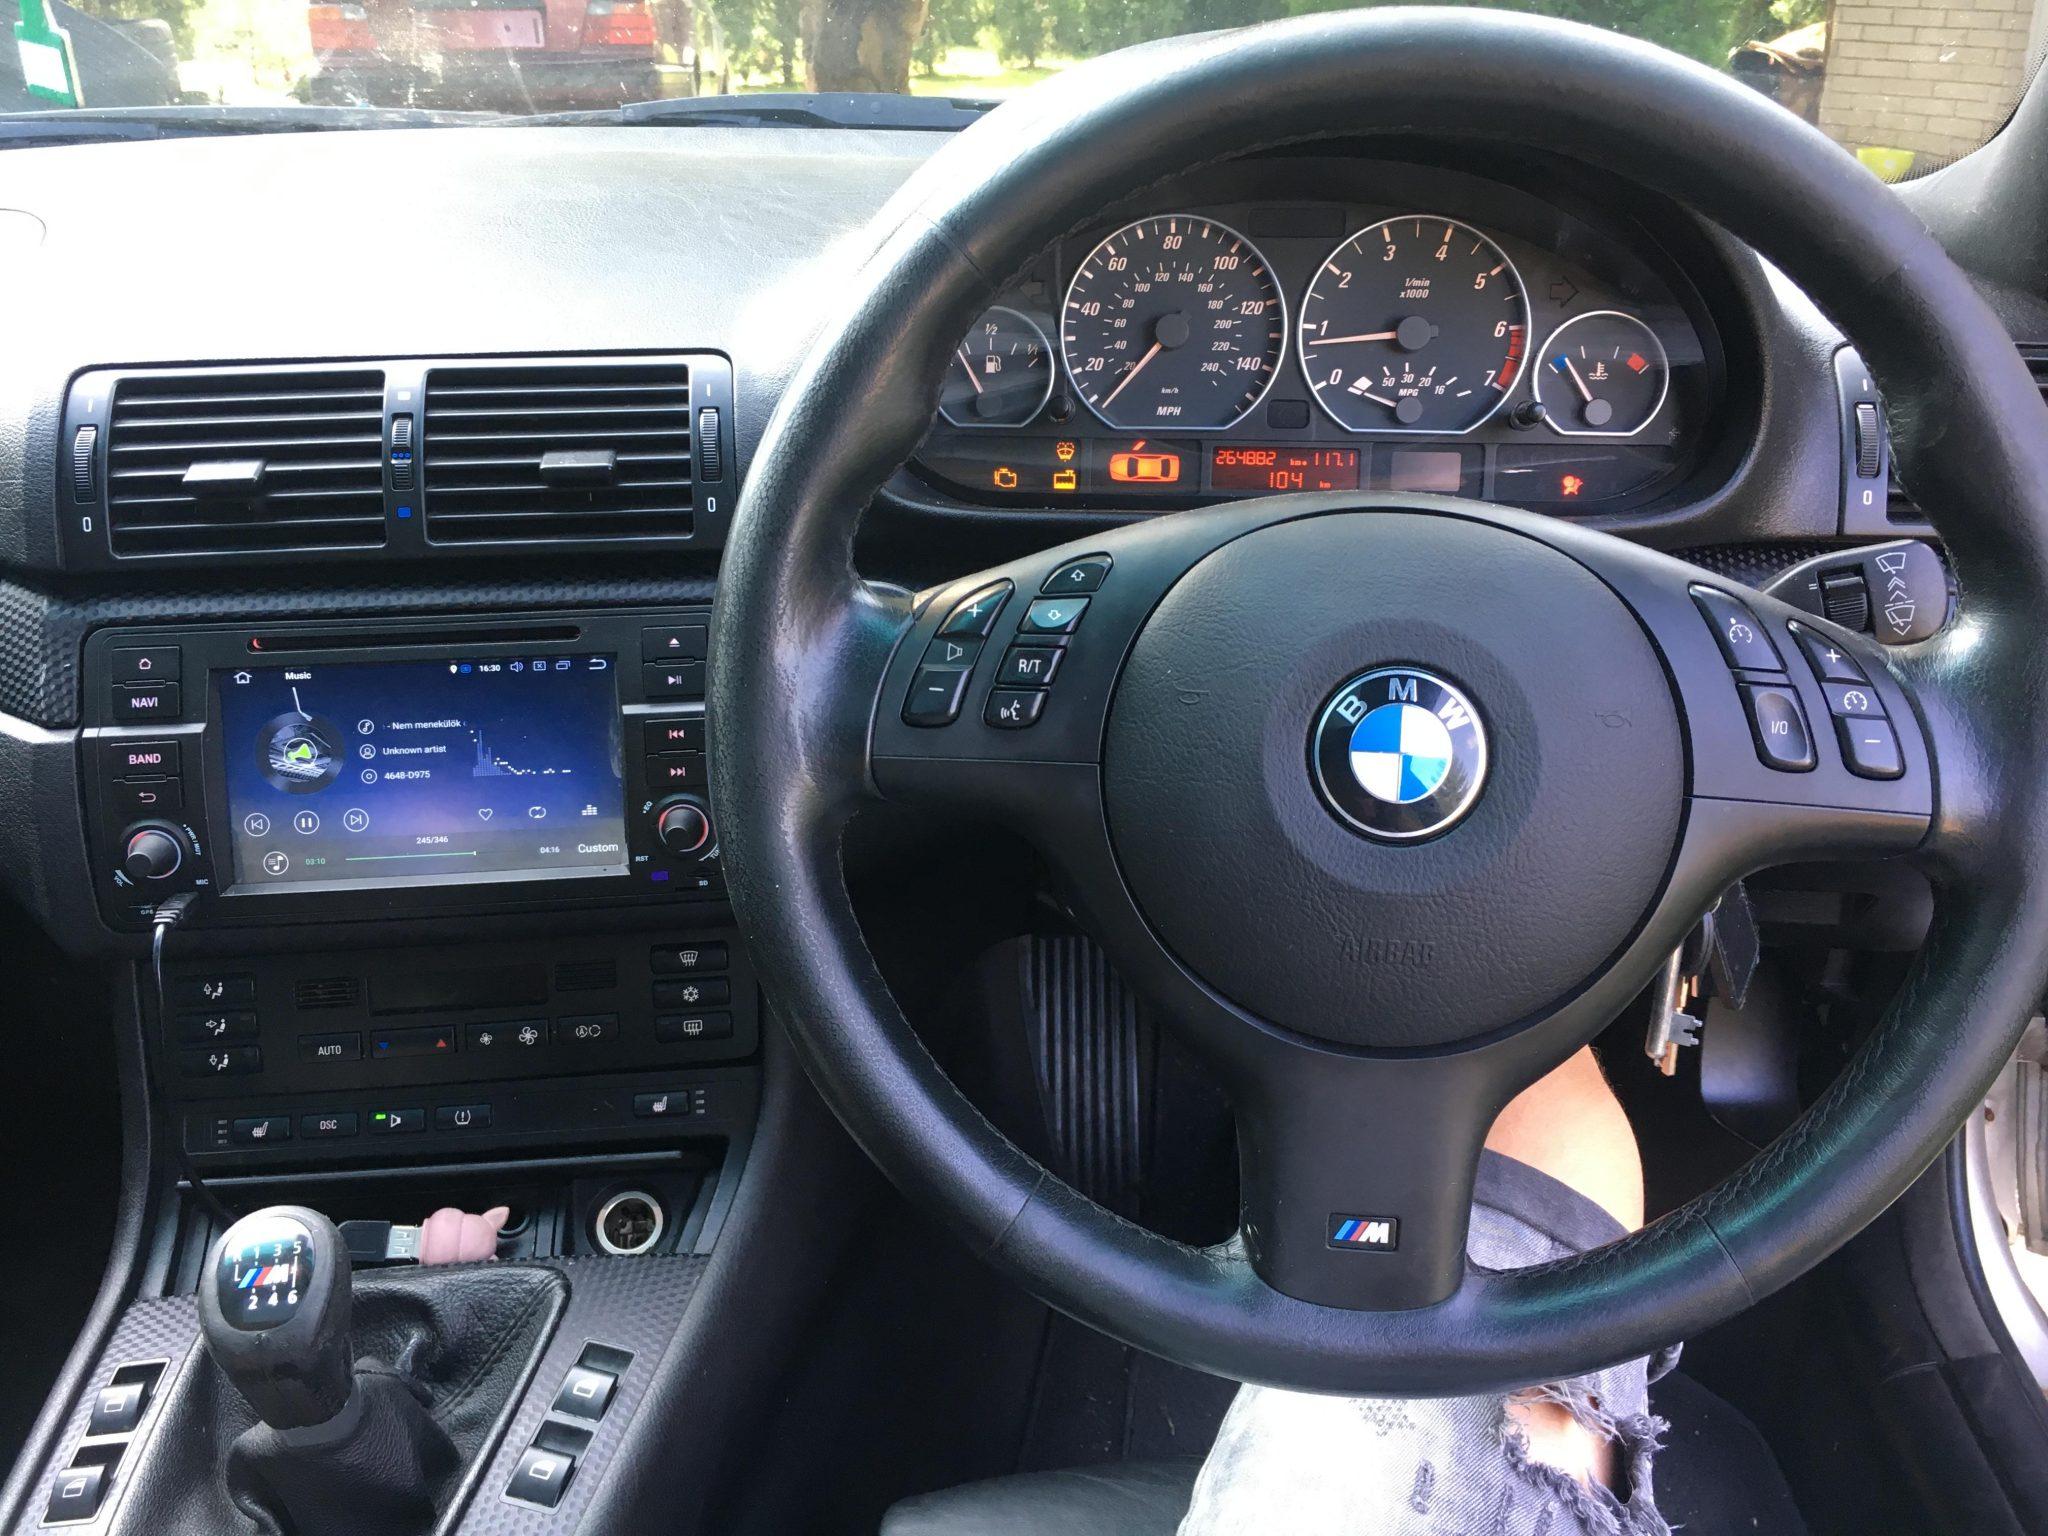 BMW E46 330ci alkatrészek Carbon Car Center Kft Békéscsaba-15